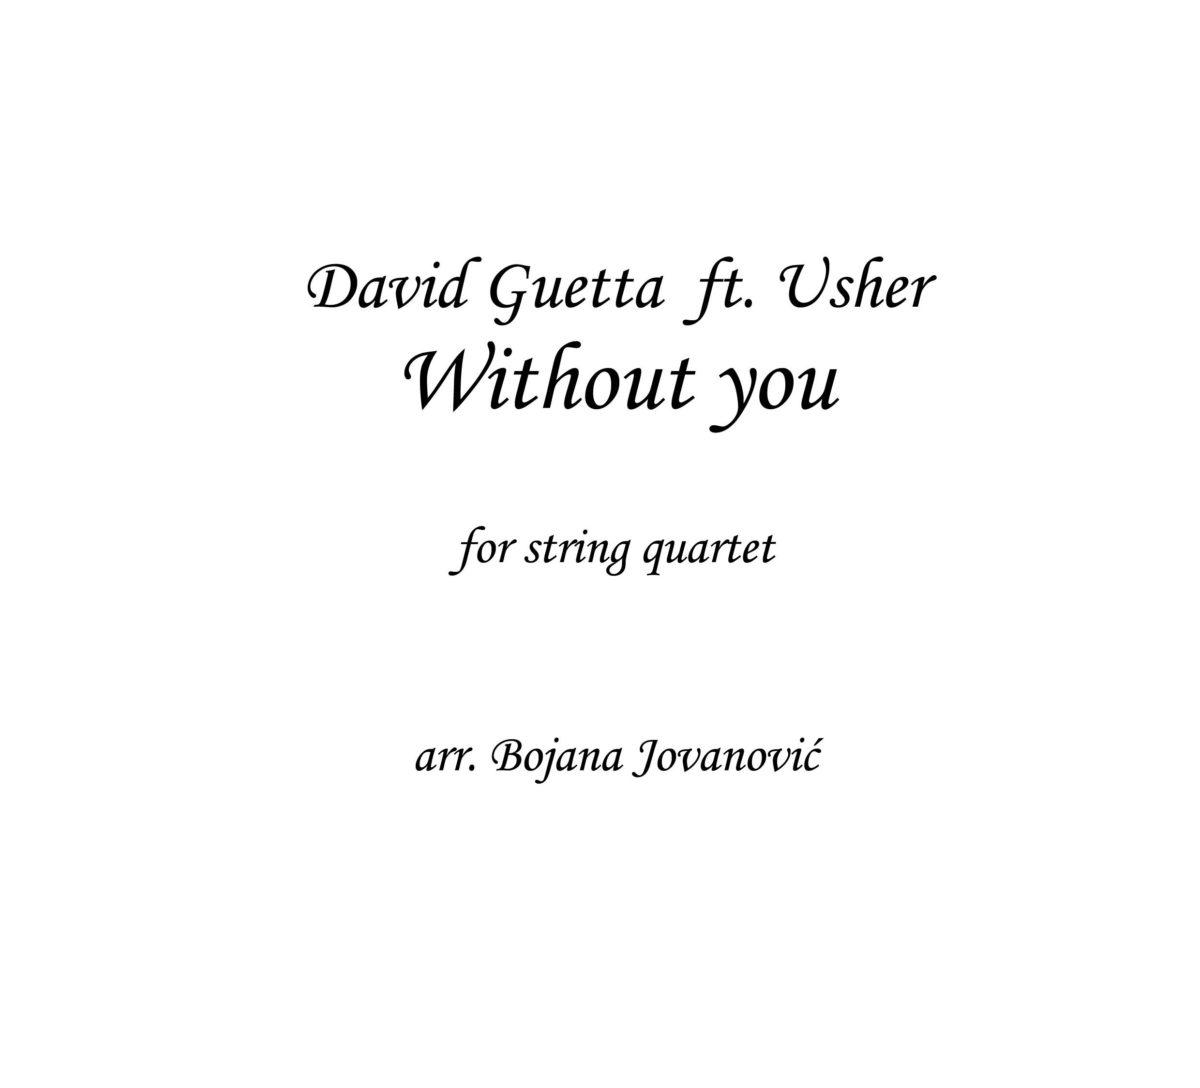 Withou you (David Guetta ft Usher) Sheet Music